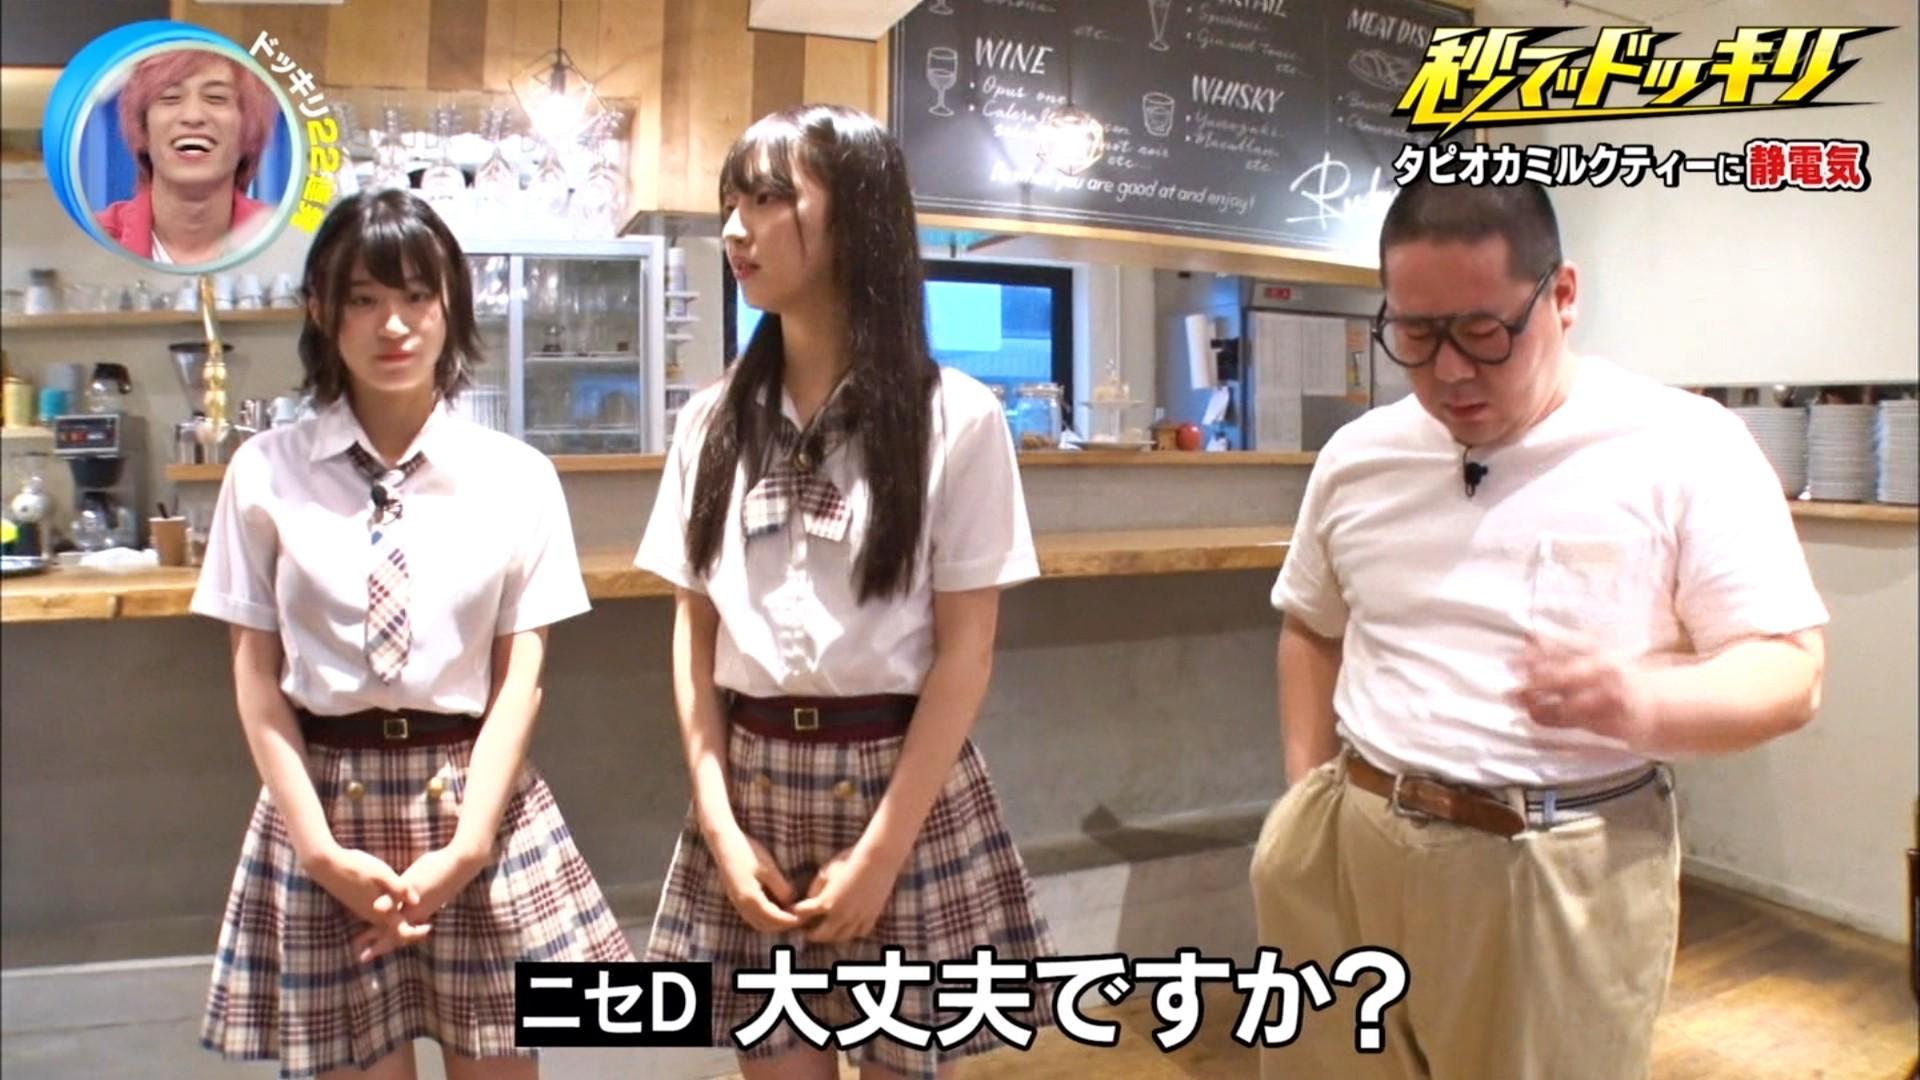 2019年11月30日にフジテレビ系列でほうそうされた「芸能人が本気で考えた!ドッキリGP」に出演したNMB48上西怜・大田莉央奈の画像-032